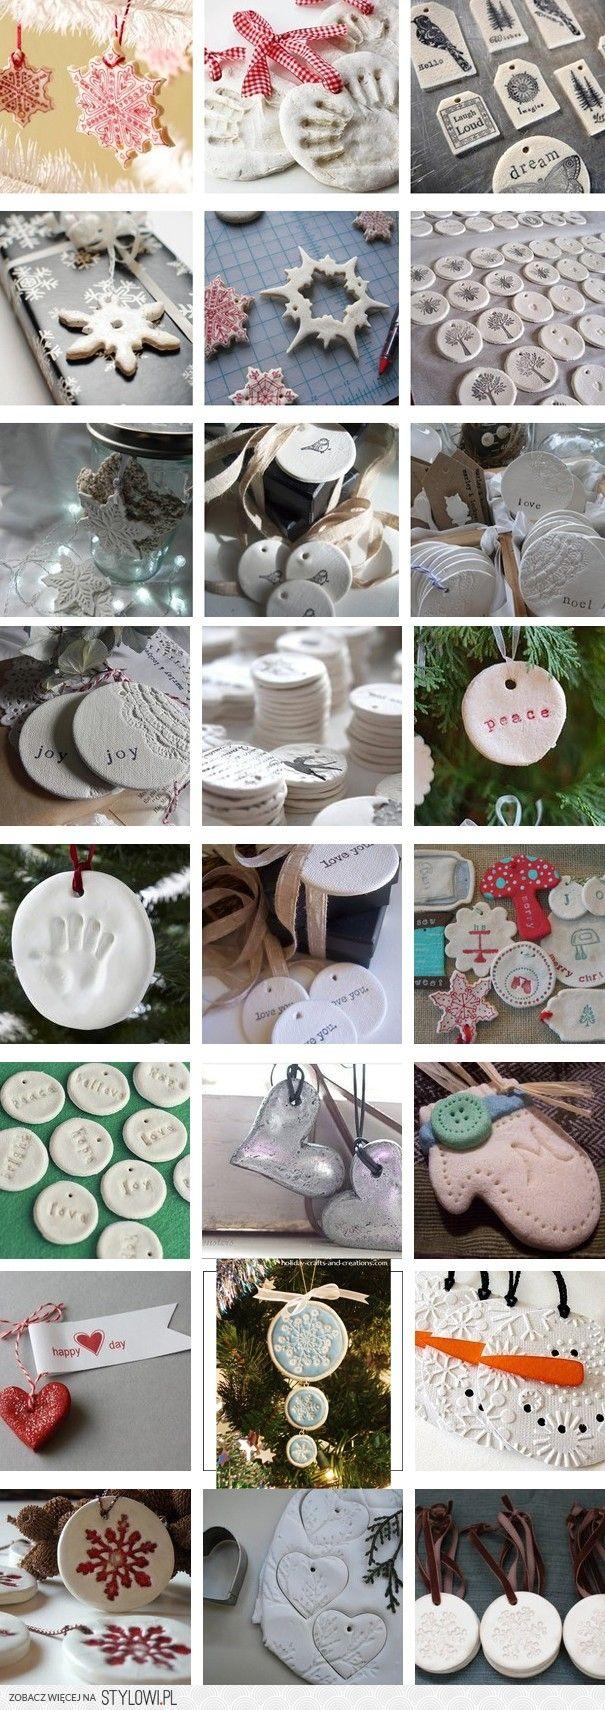 Salt Dough Christmas Ornaments & Decorations